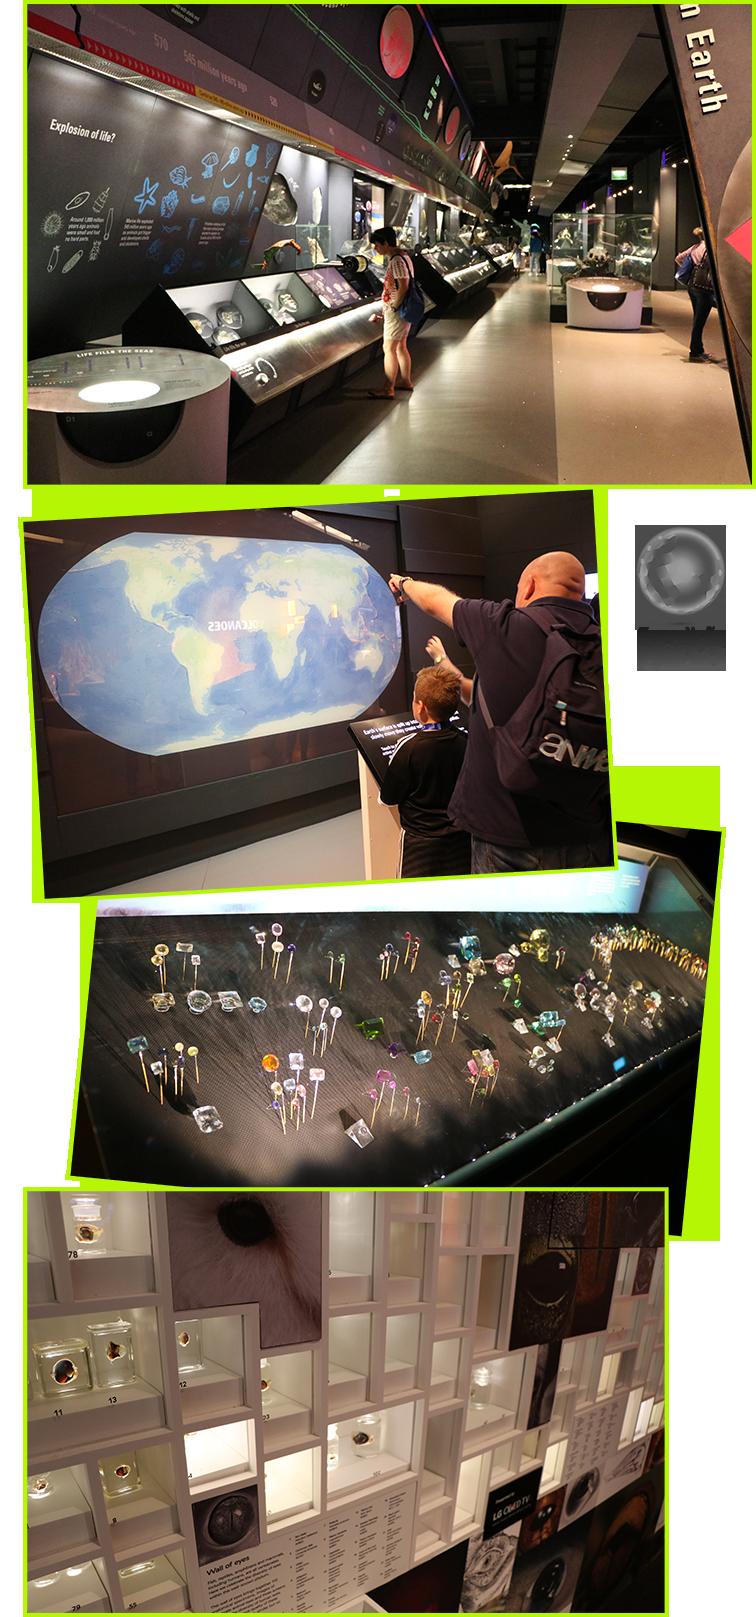 expedicao-vida-museu-historia-natural-londres-6